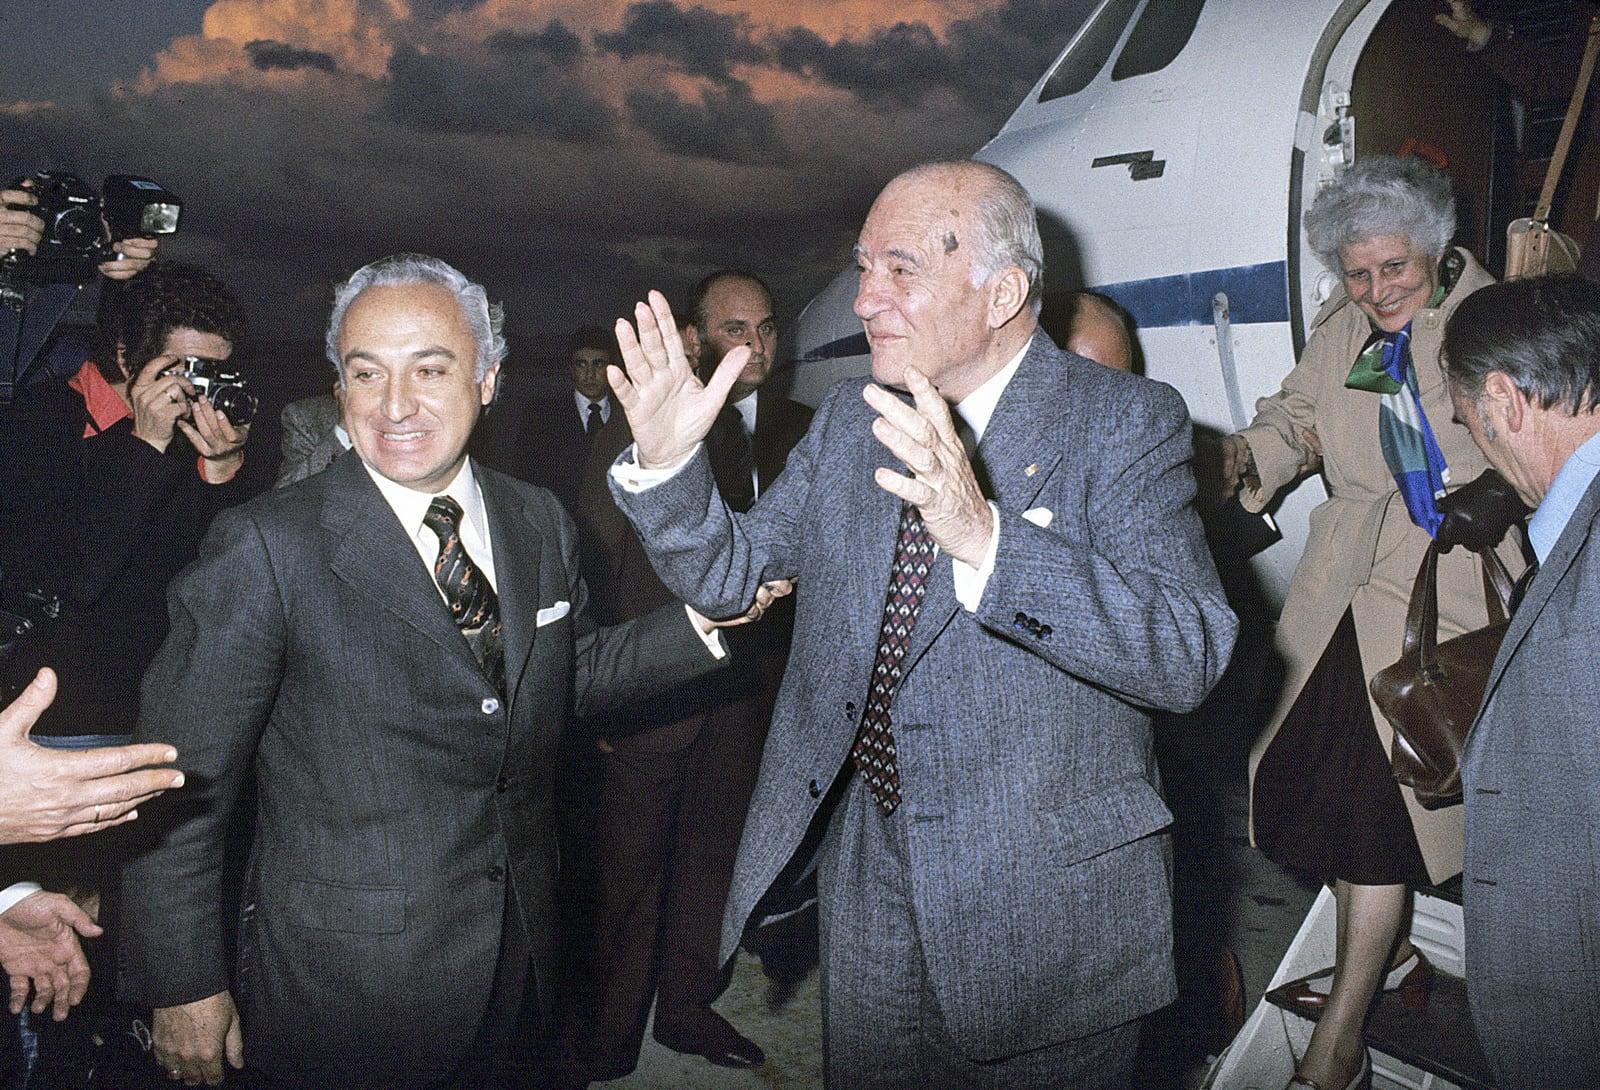 Josep Tarradellas i la seva esposa, Antònia Macià, són rebuts a Barajas pel ministre de Treball, Manuel Jiménez de Parga, en baixar de l'avió provinent de Tours, després de 38 anys d'exili, el 20 d'octubre de 1977. Fotografia d'Efe.